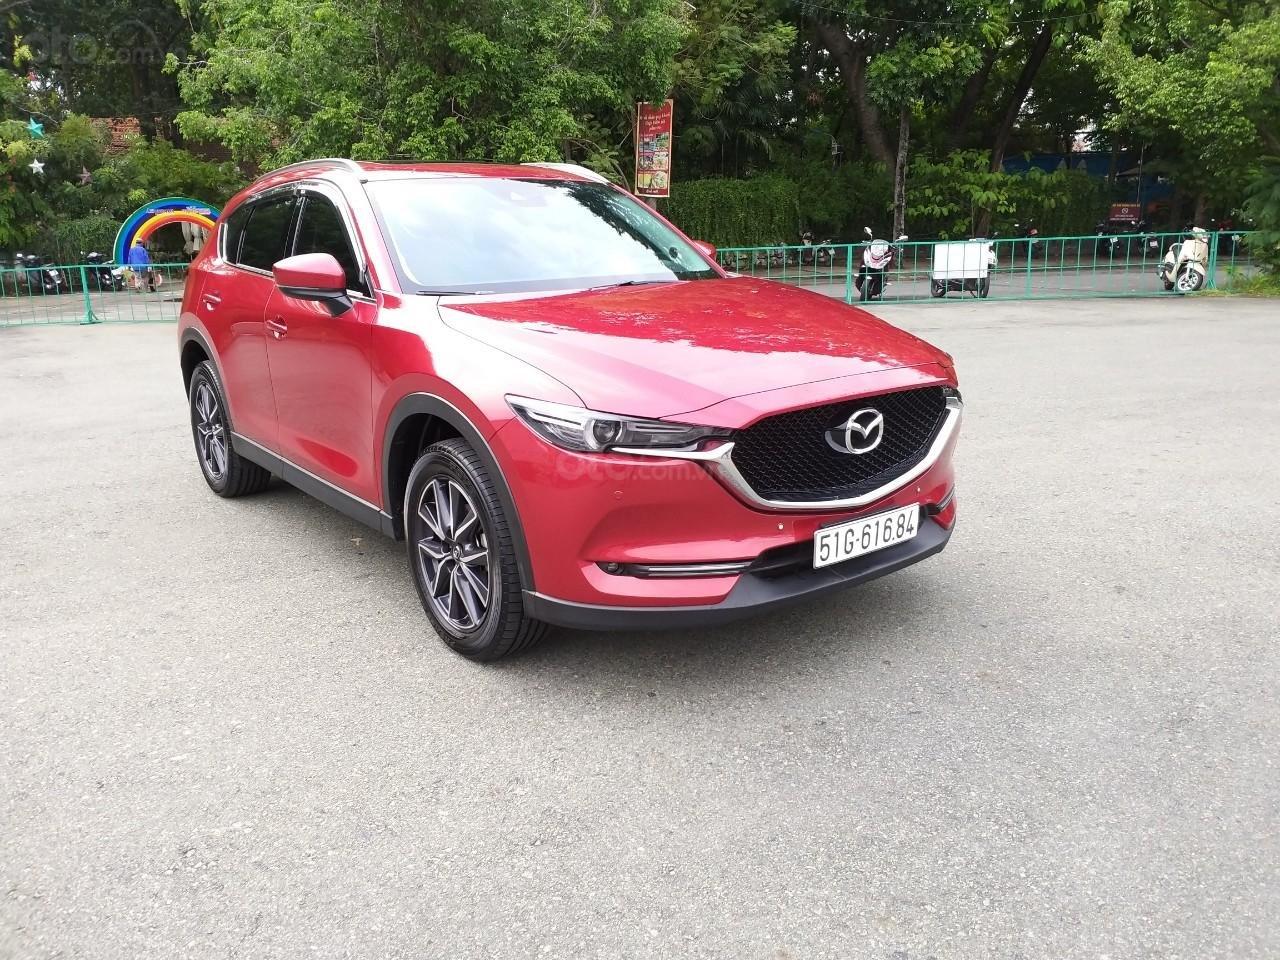 Mazda CX5 2019, xe nhà trùm mền, đỏ siêu sang, siêu mới, mới 99,99% như xe thùng mới xuất hãng, mua tiết kiệm được 150tr (3)